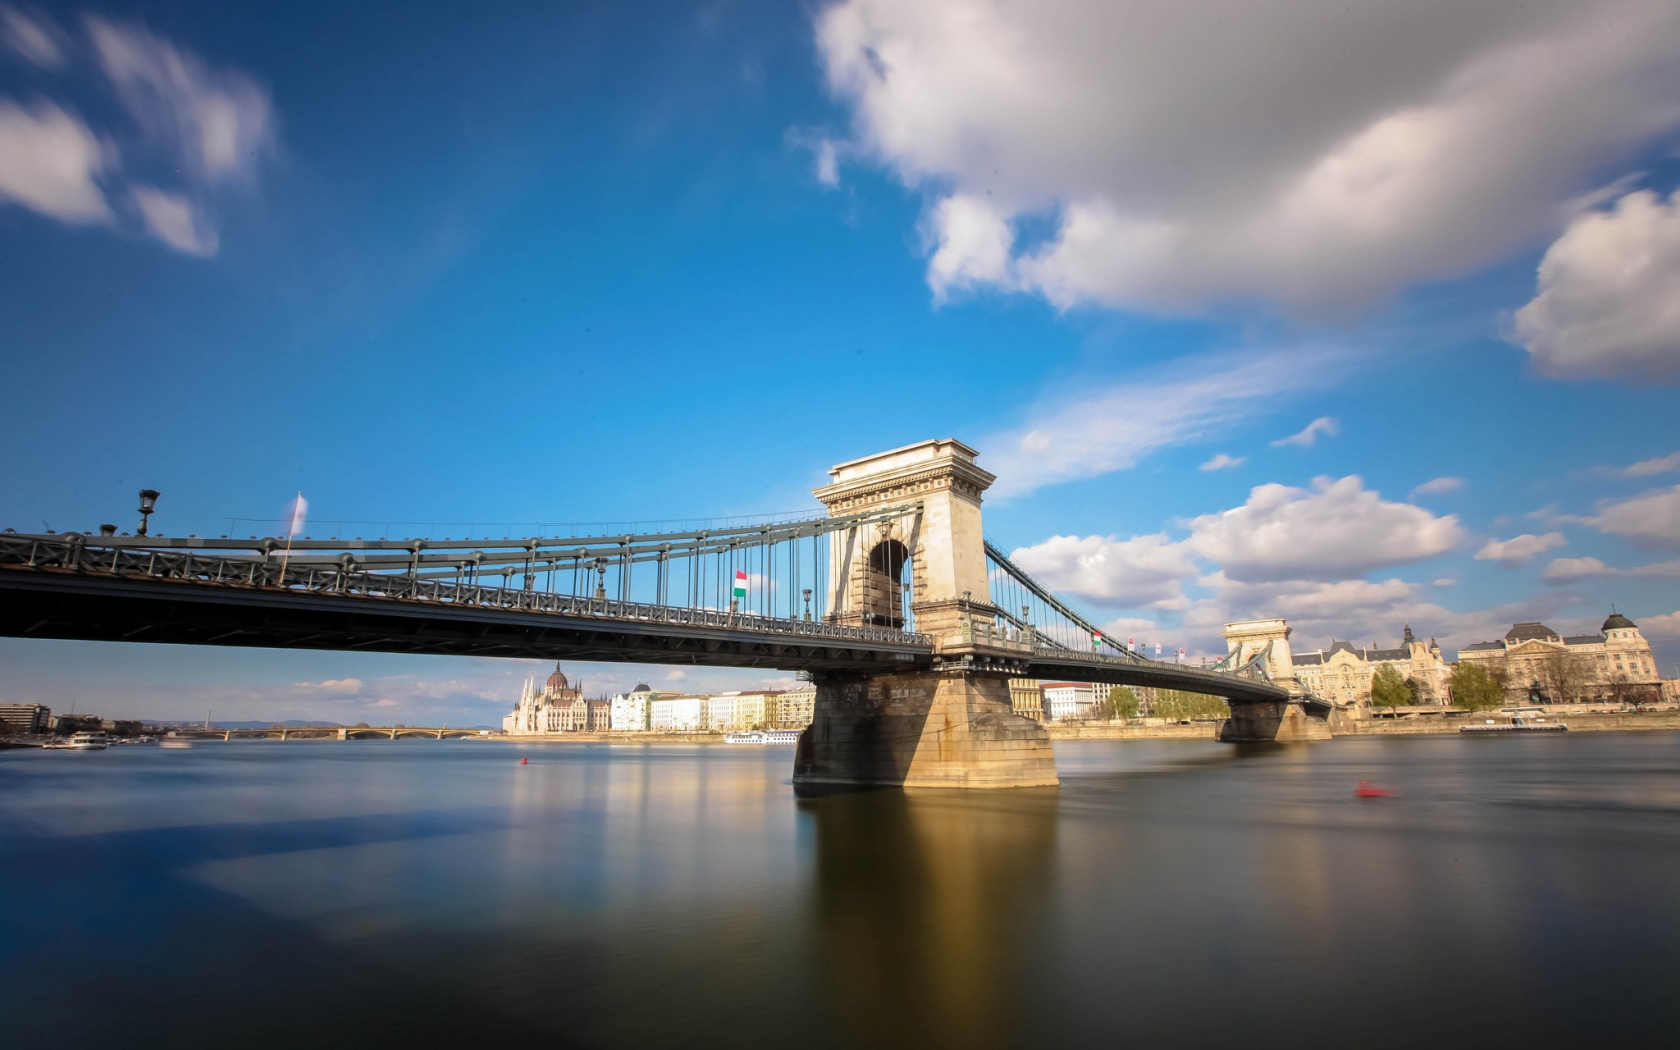 Bello puente en Italia - 1680x1050